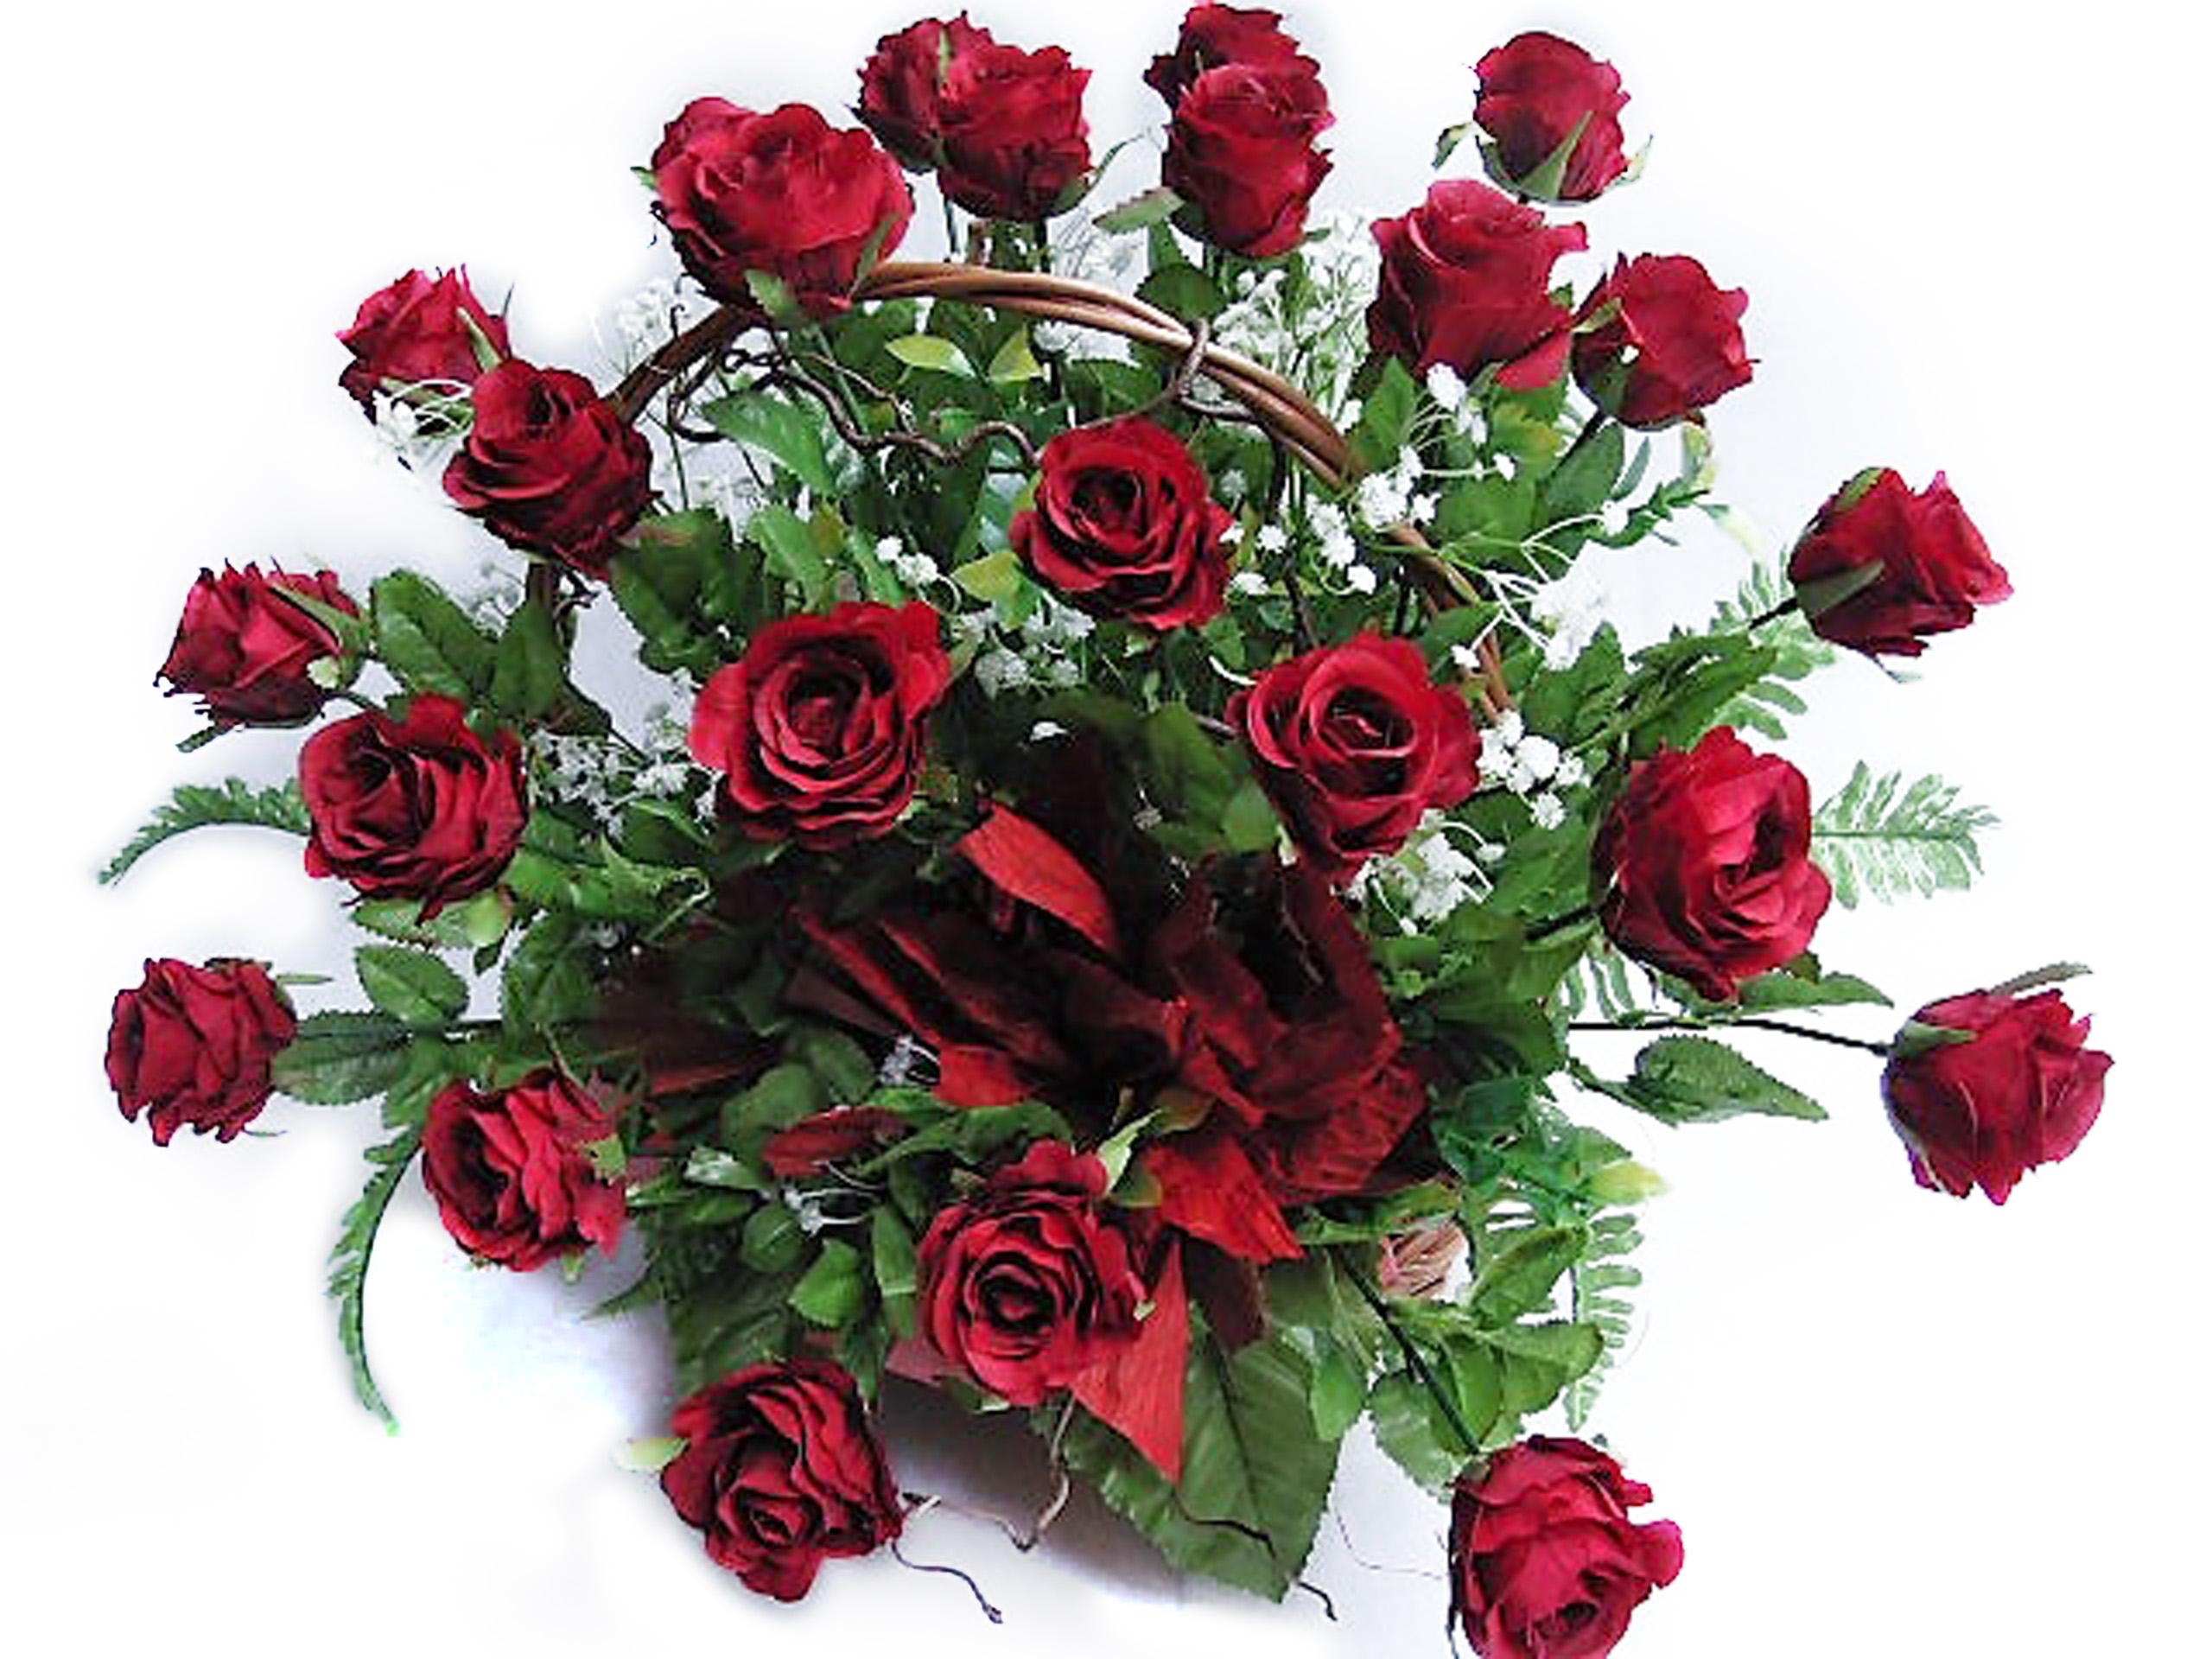 Kvet koši 25 ruže, kvety headdress na hrob nápis